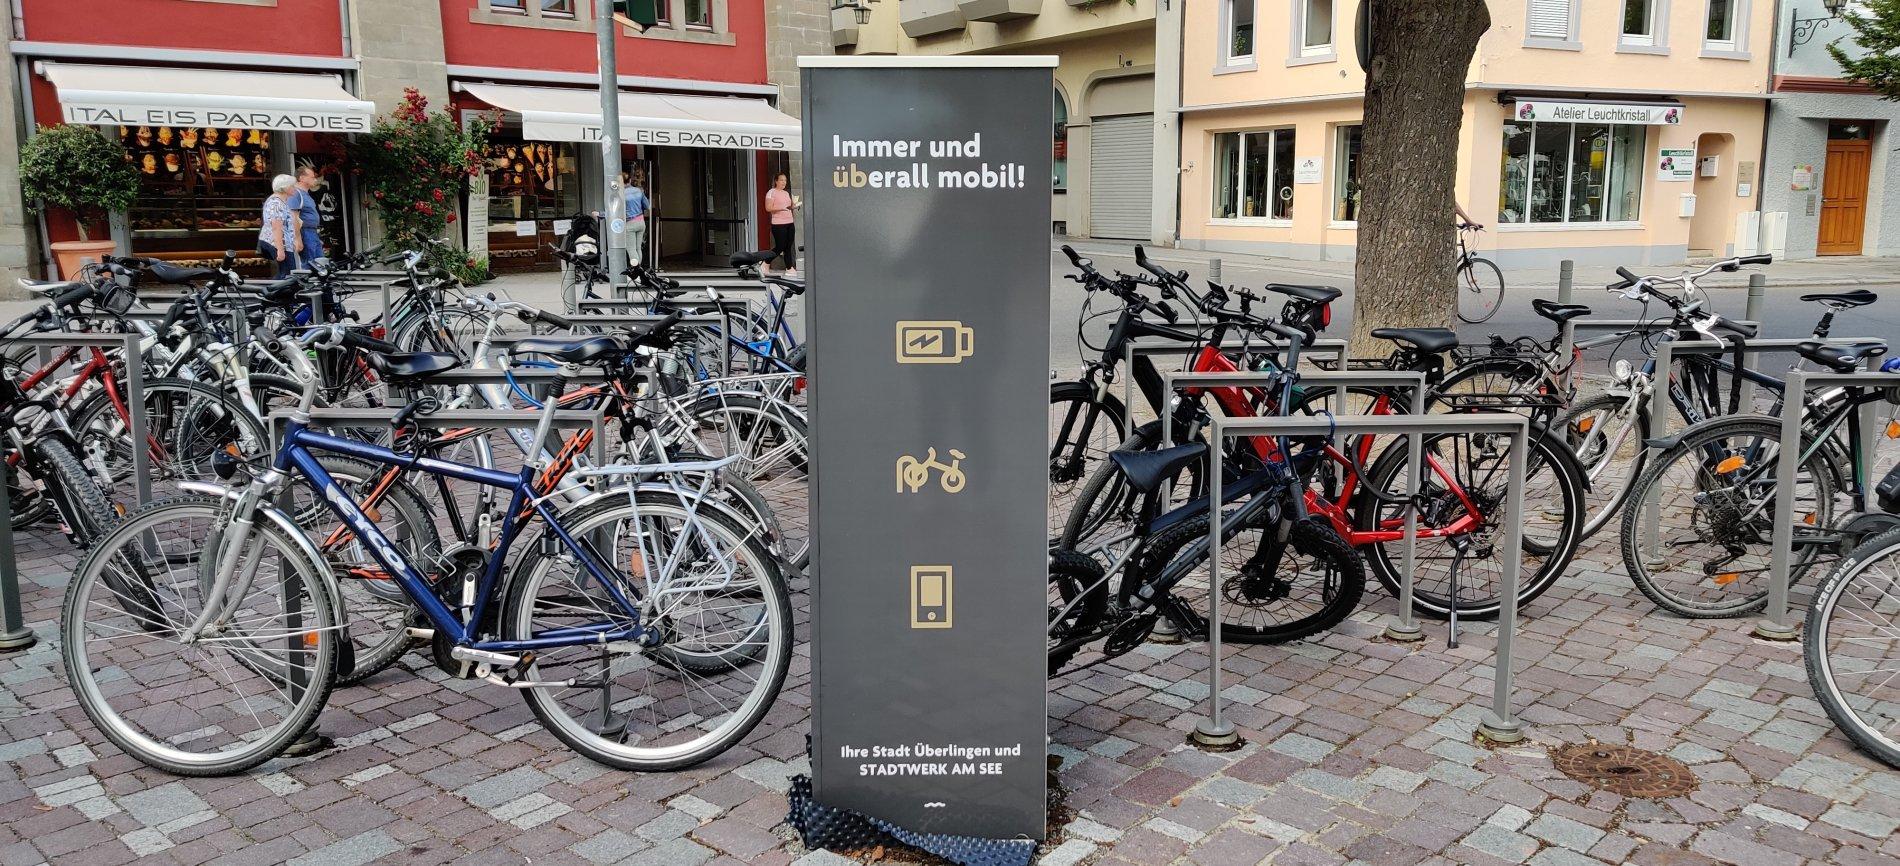 E-Bike Ladestadtion Landungsplatz